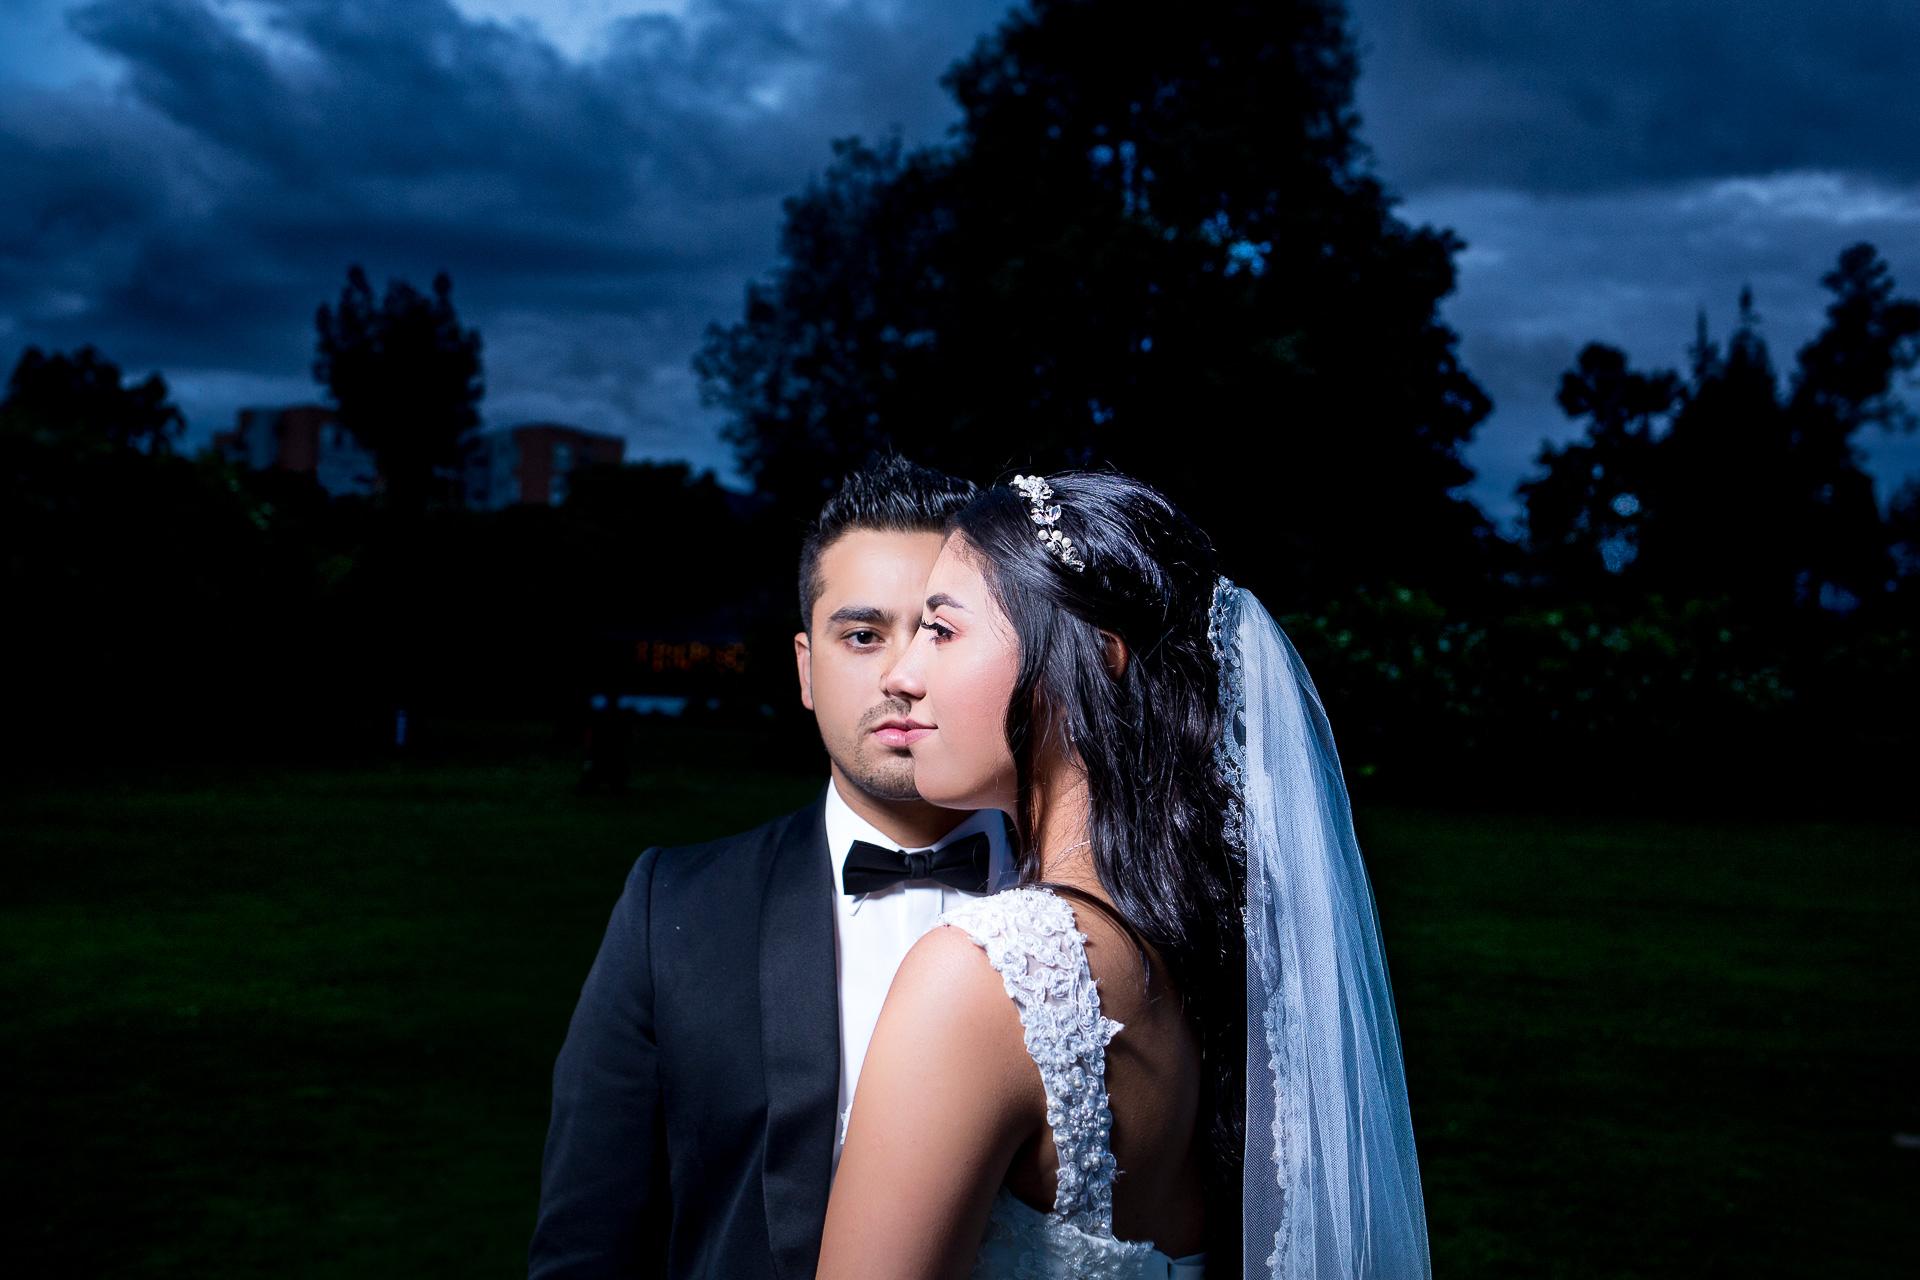 Fotógrafos-de-bodas-en-Colombia-Alejandro-y-Angelica-34-2 ALEJANDRO + ANGELICA